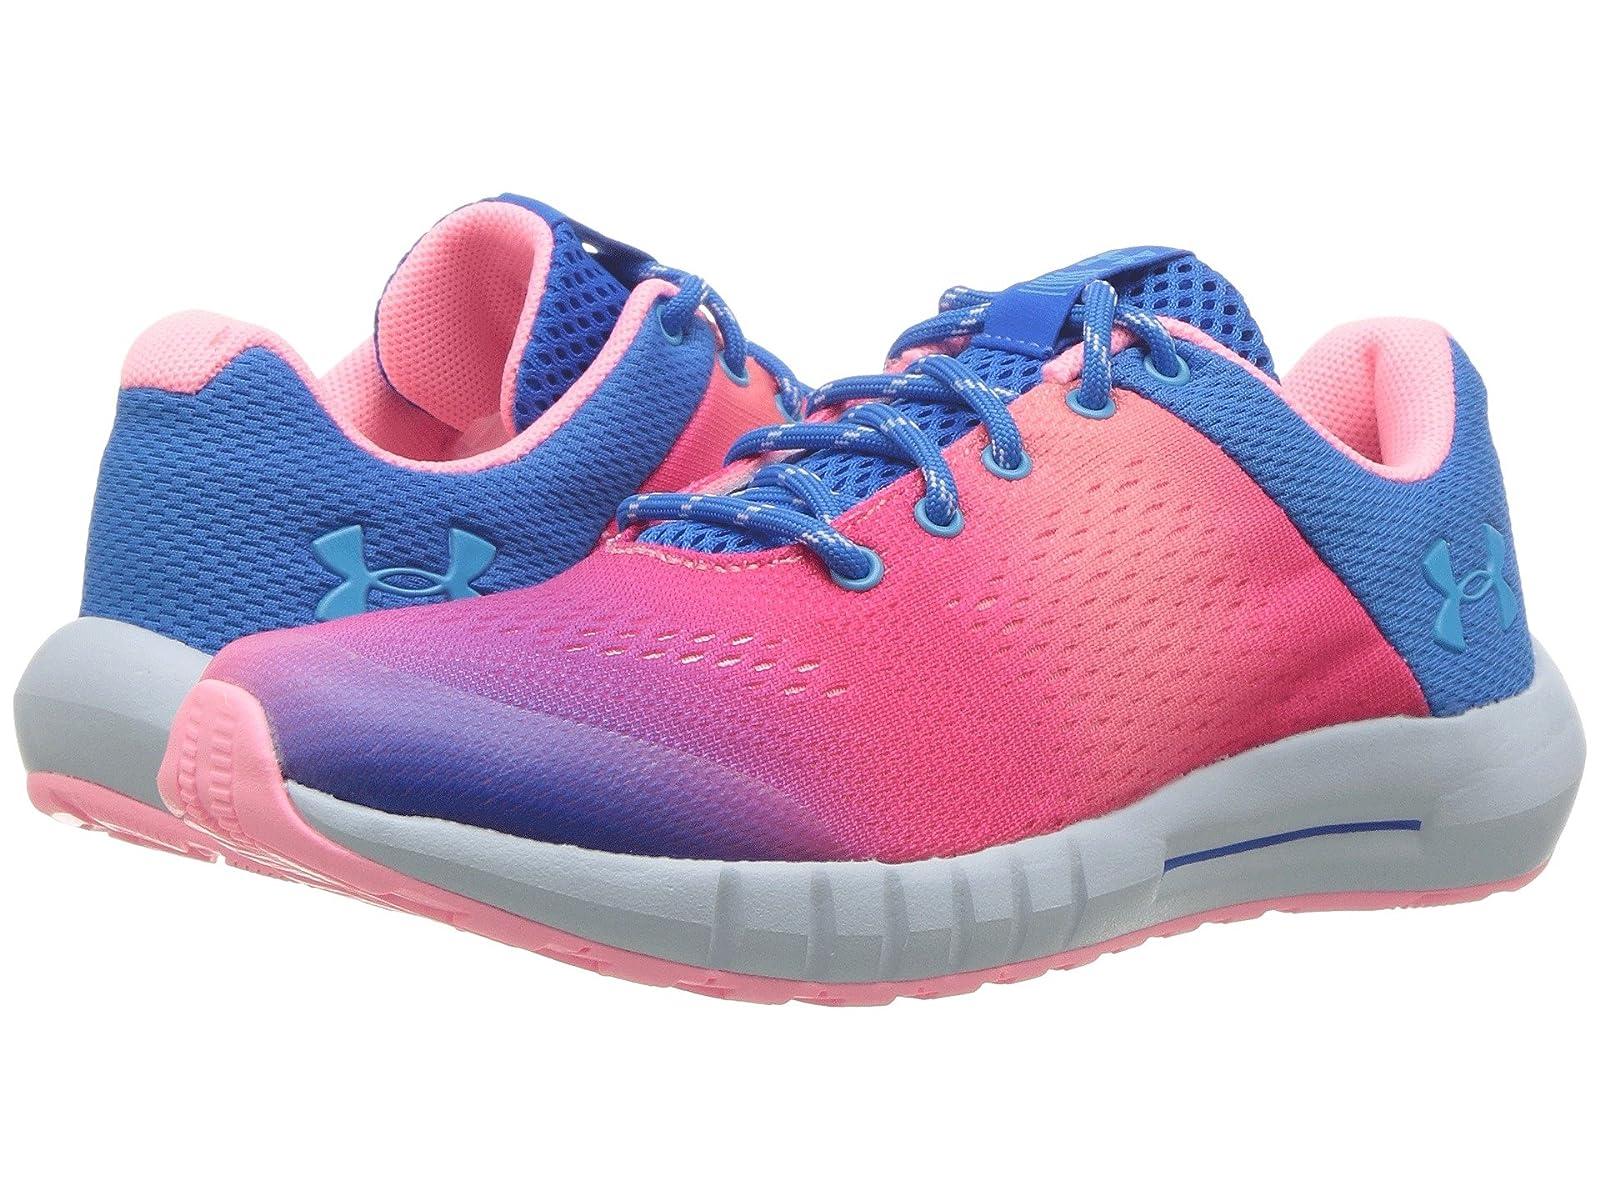 Under Armour Kids UA GPS Pursuit Prism (Little Kid)Atmospheric grades have affordable shoes